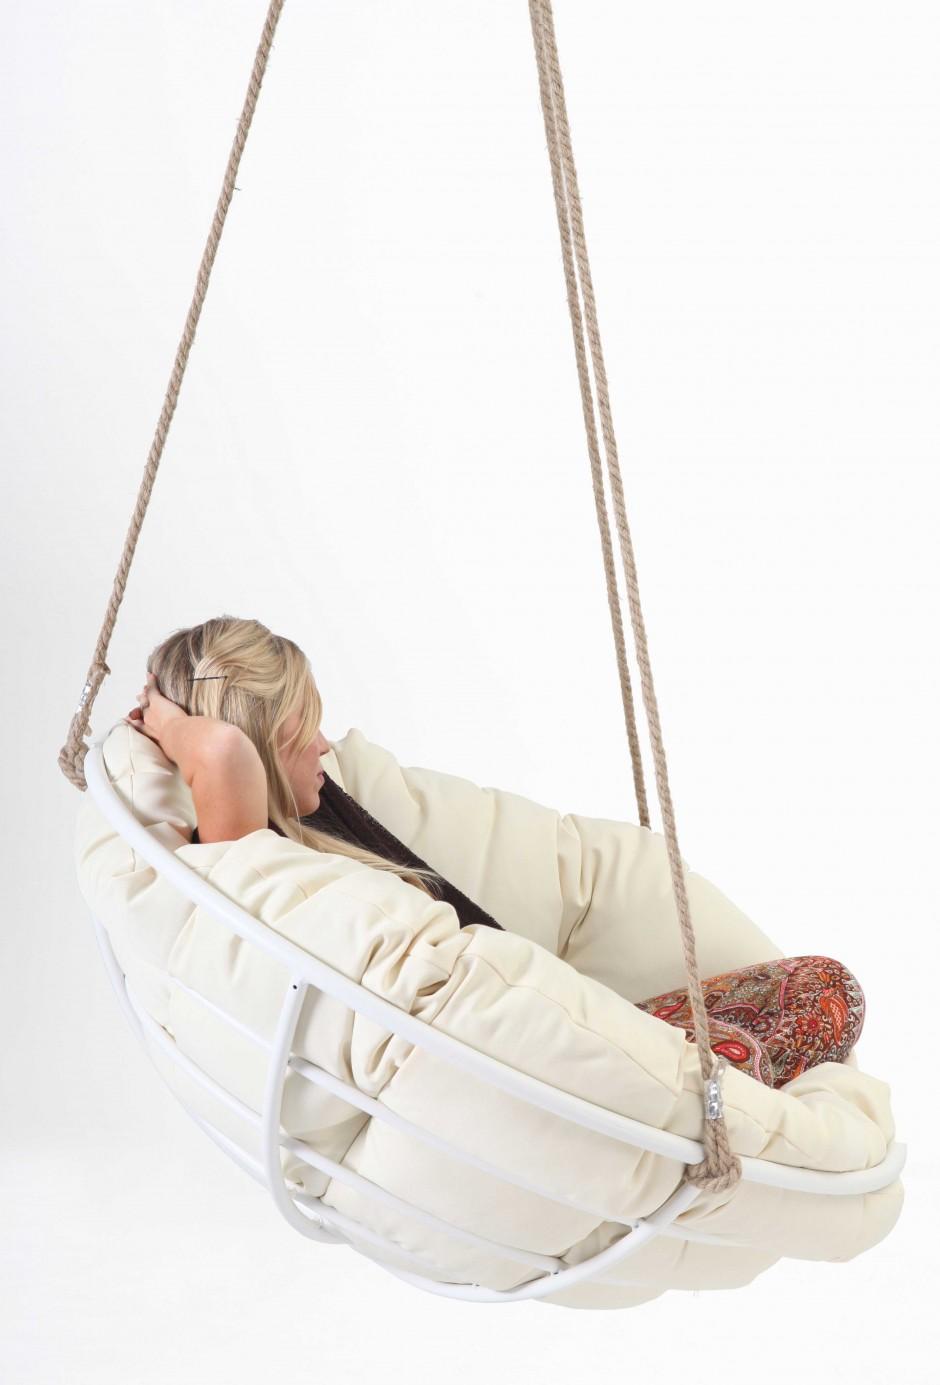 World Market Chair Cushions | Papasan Cushion | Papasan Chair For Sale